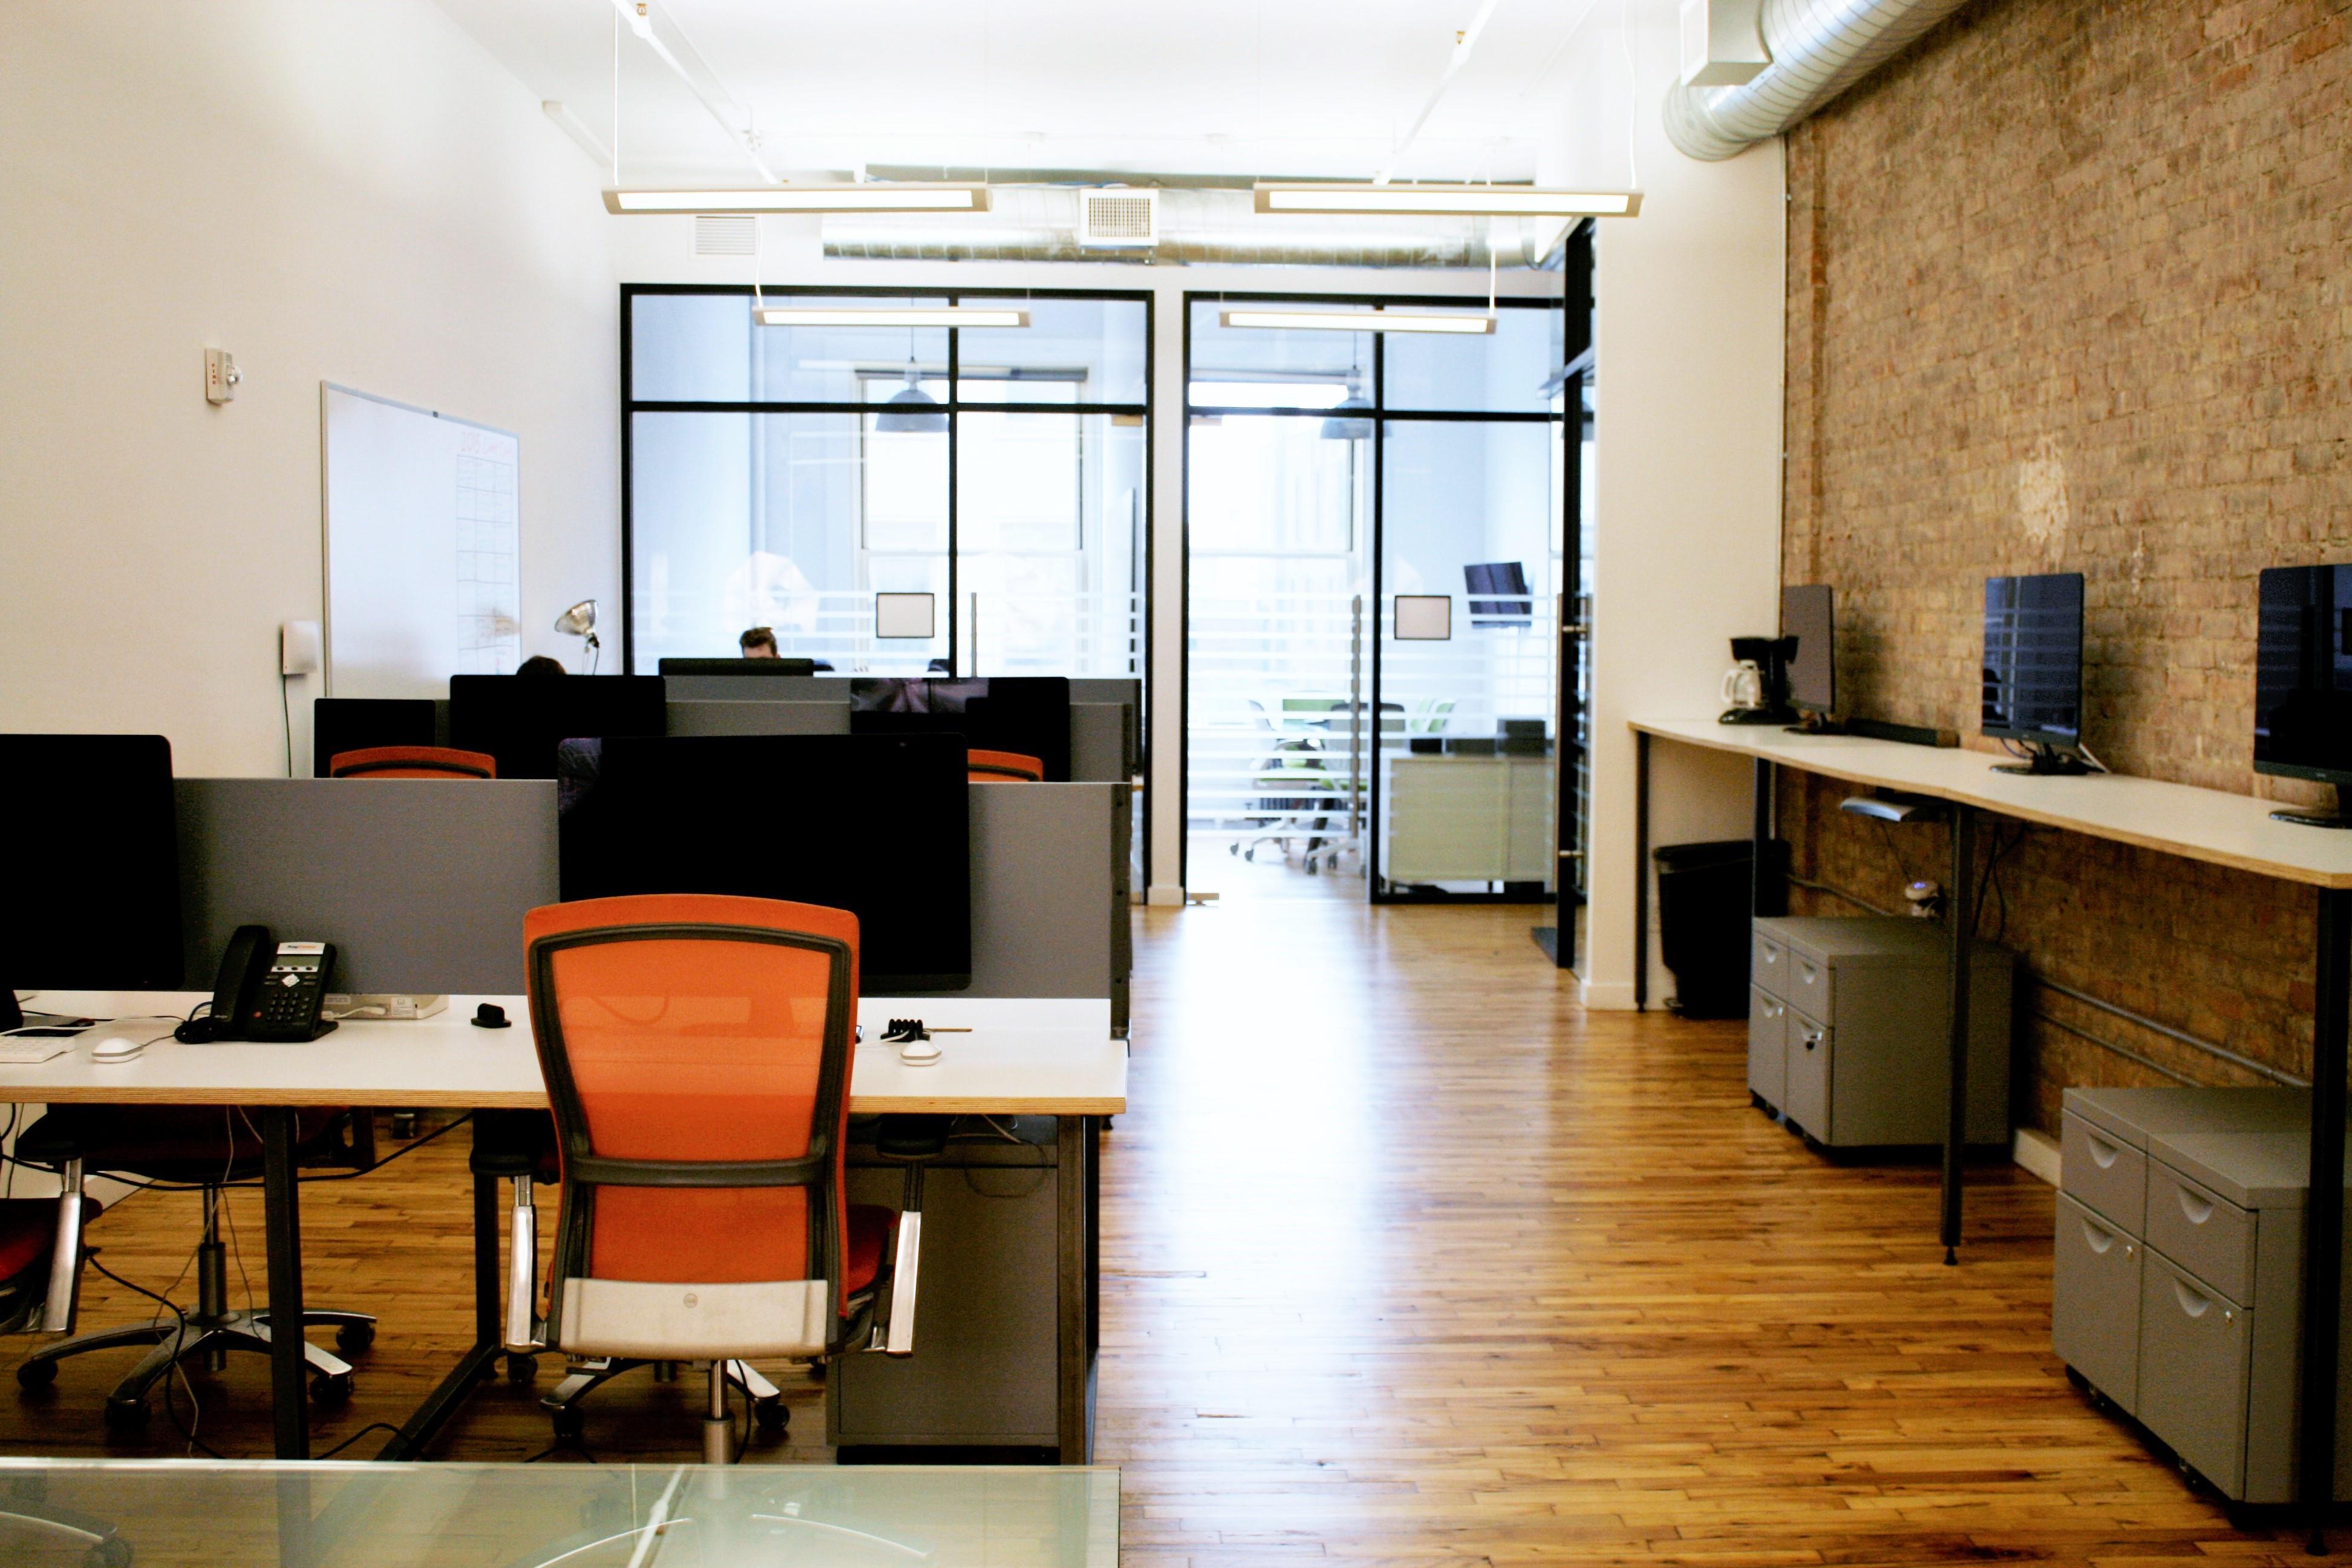 Tidal Labs - Open Desk in Soho on Broadway